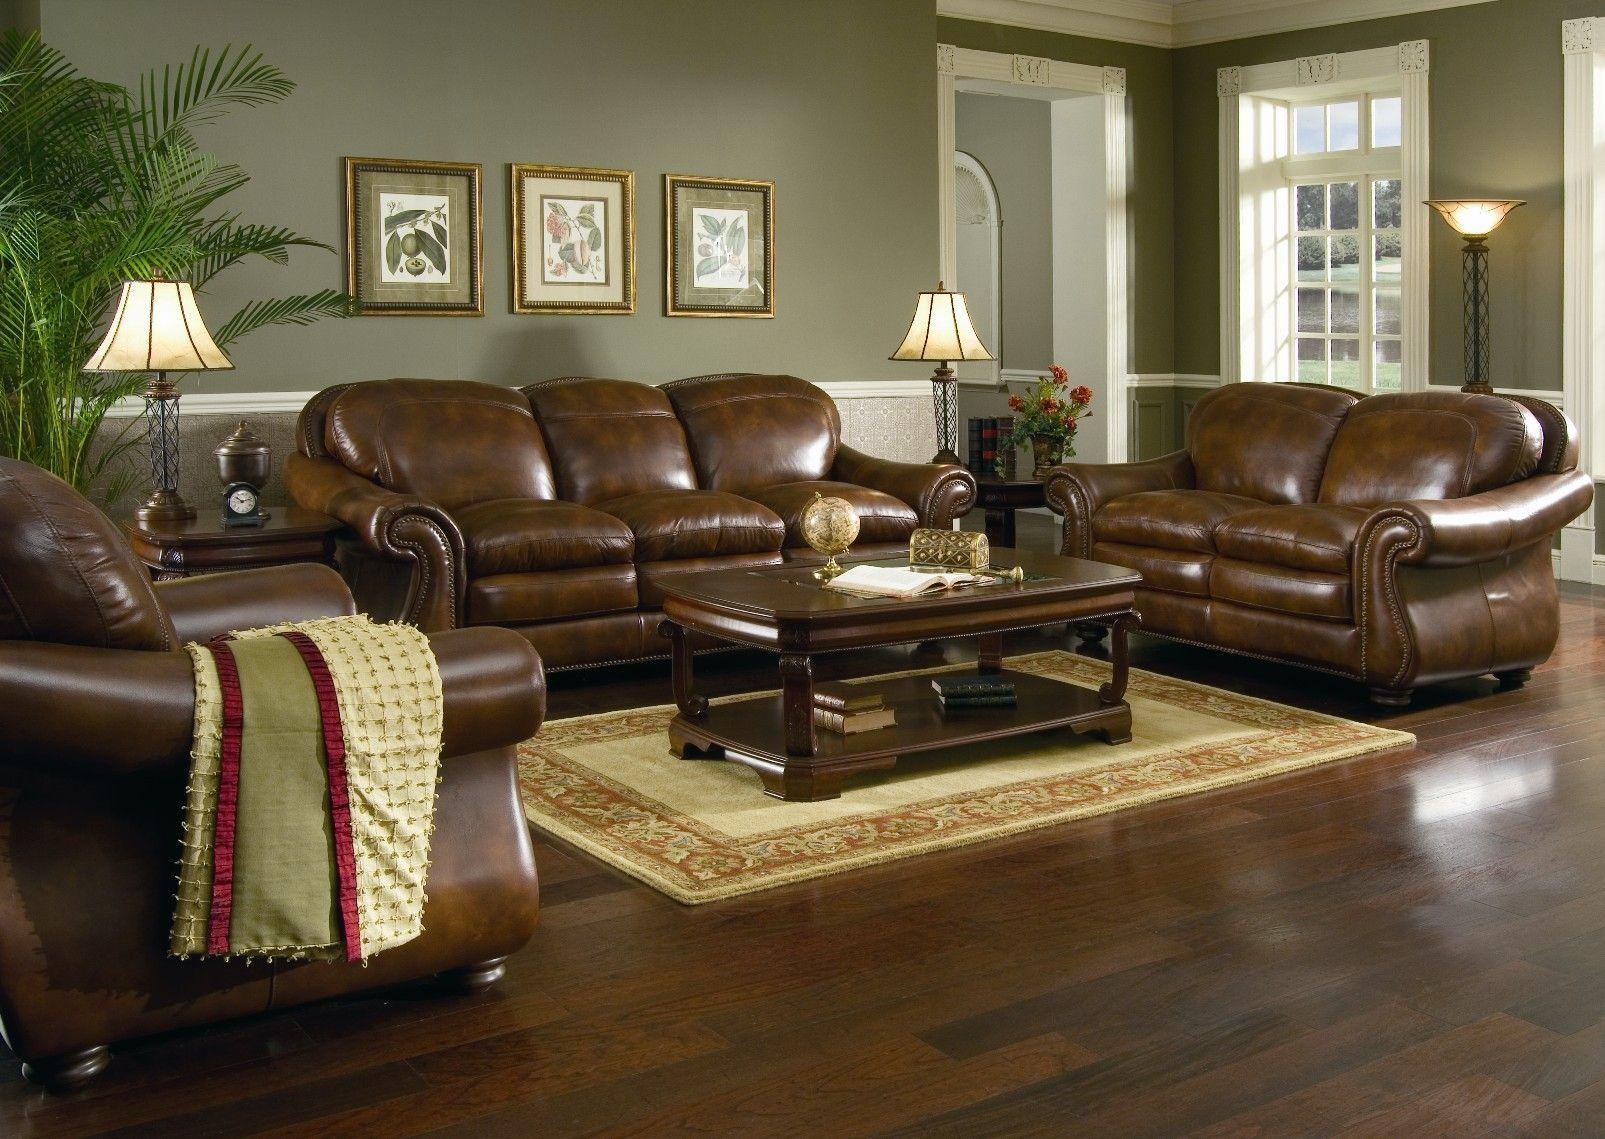 кожаная мебель для гостиной фото анального отверстия прямой